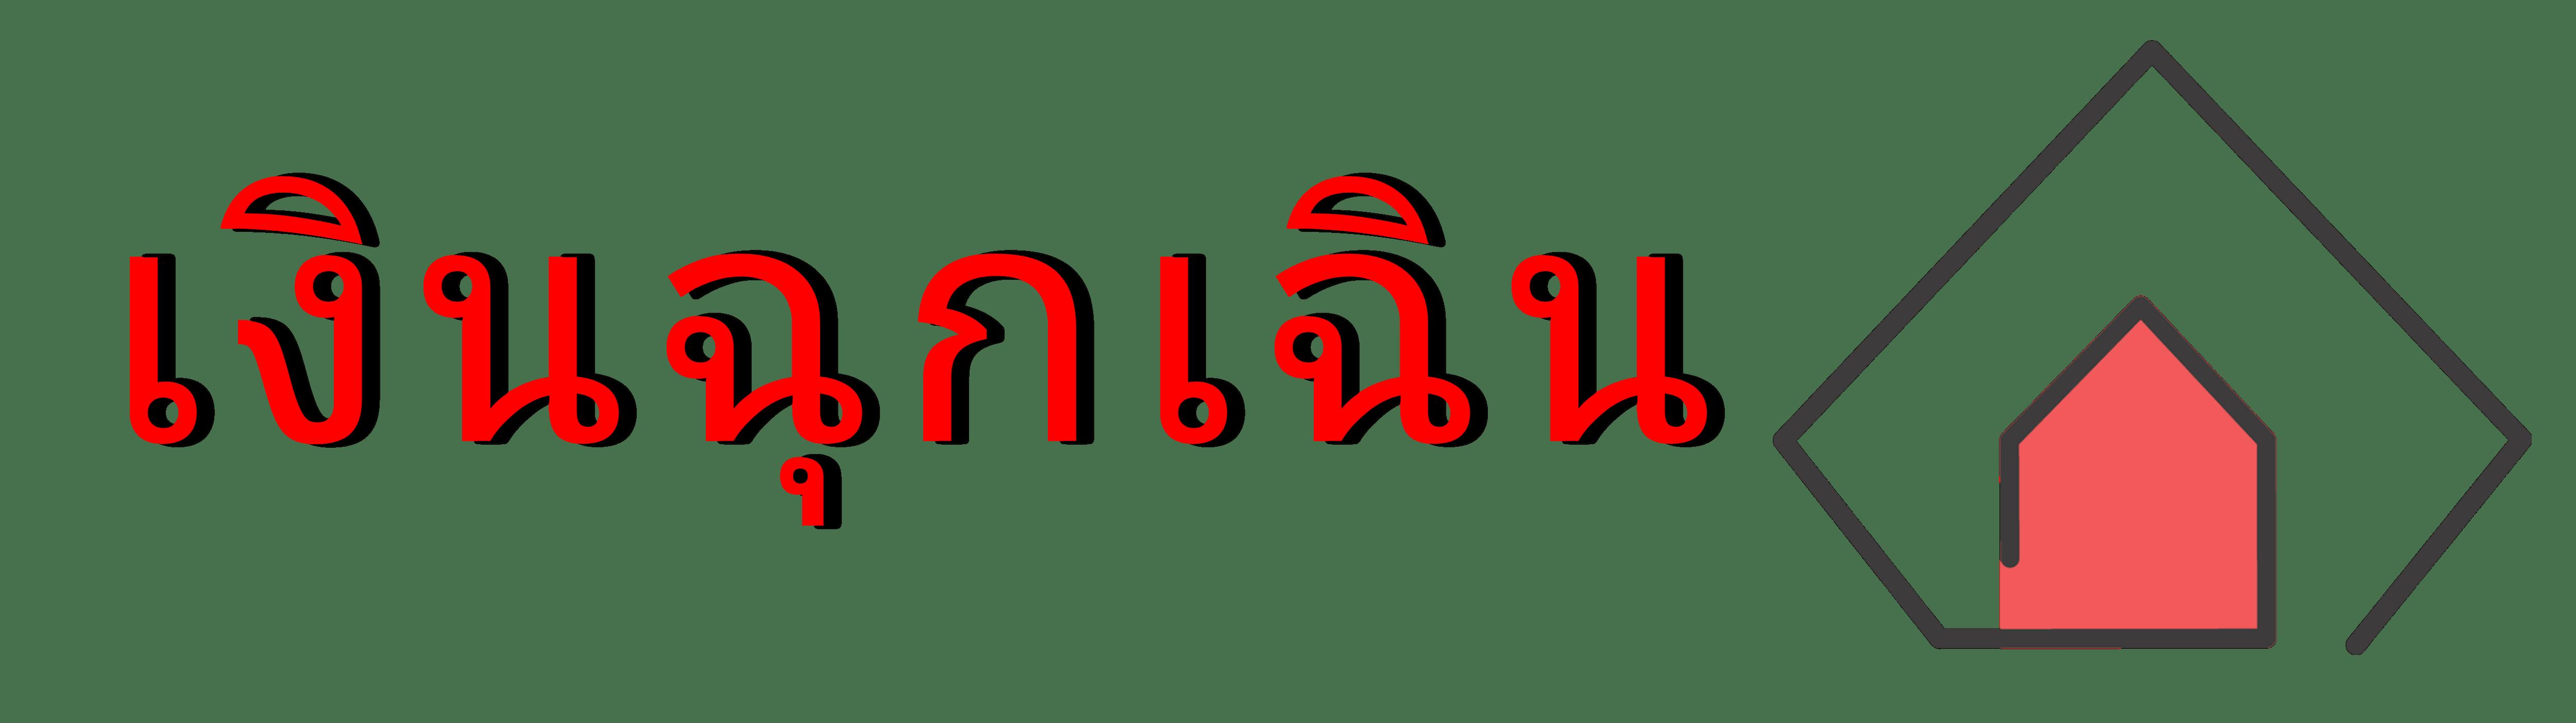 เว็บ www.khaosocial.net – บริการกู้ยืมเงินหรือผ่อนไม่ใช้บัตร ผ่านสินเชื่อ